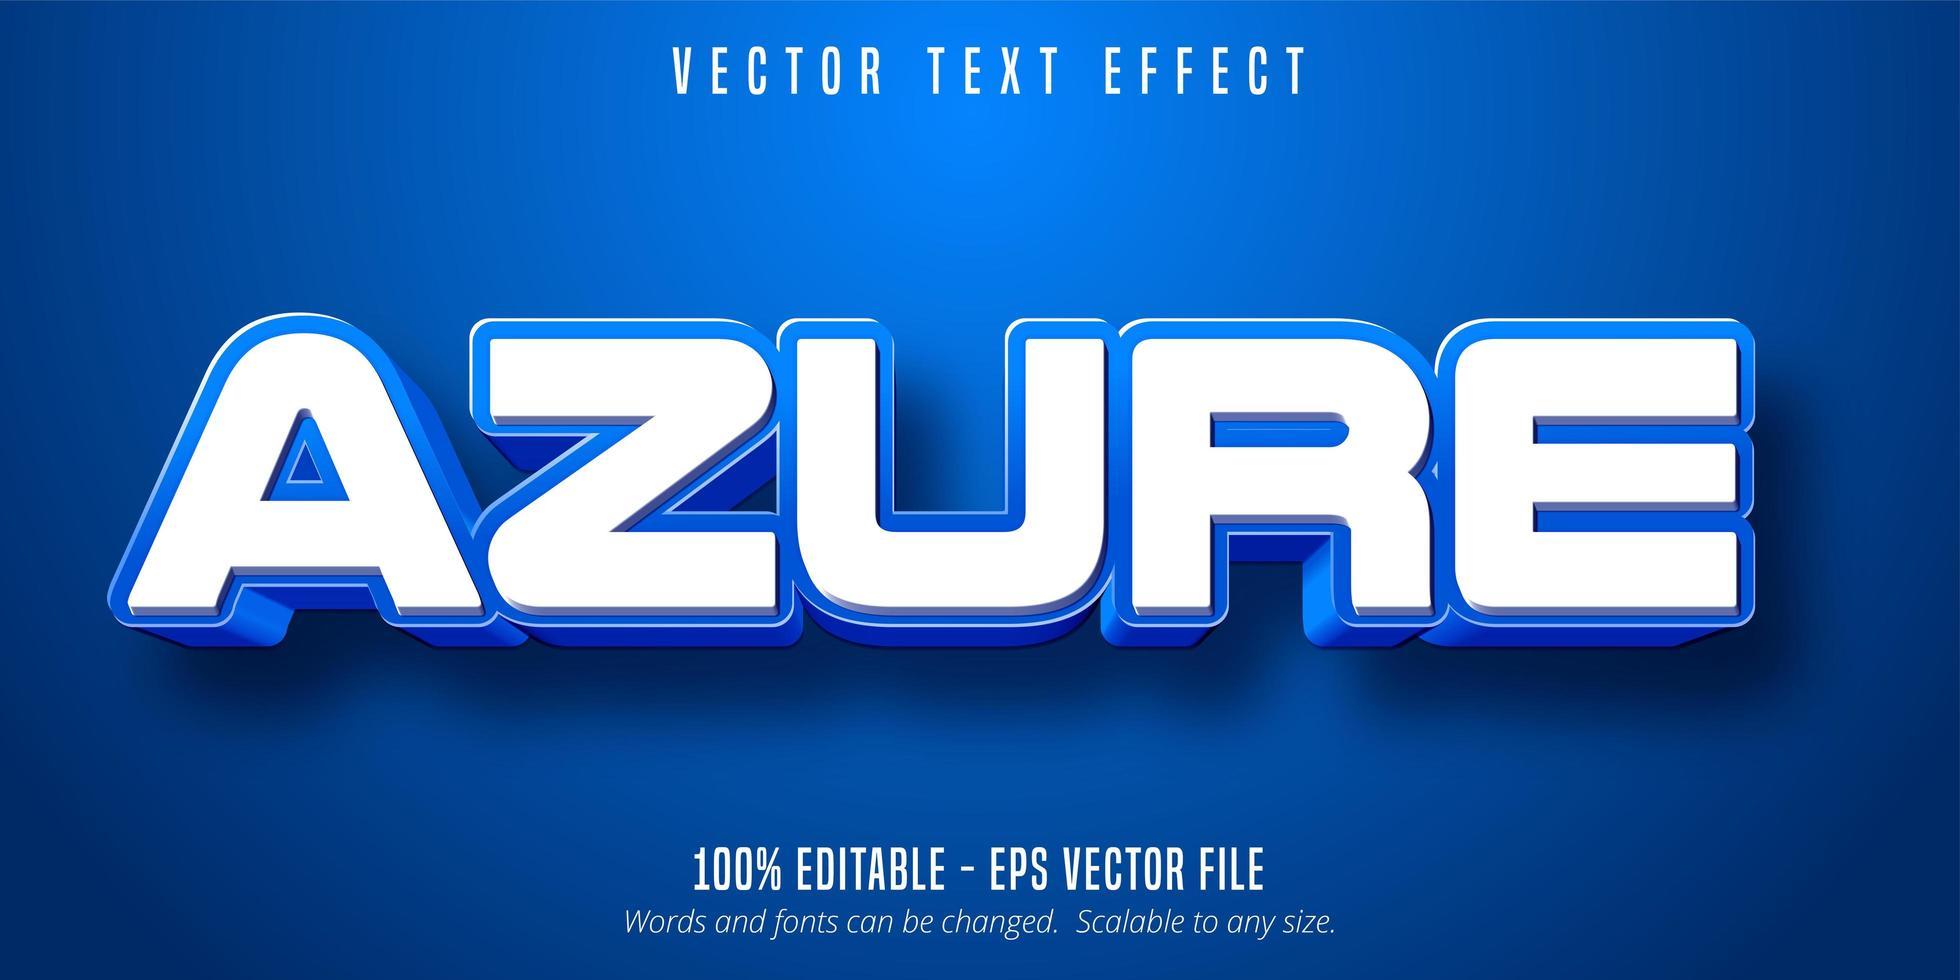 texto azul, efeito de texto azul vetor